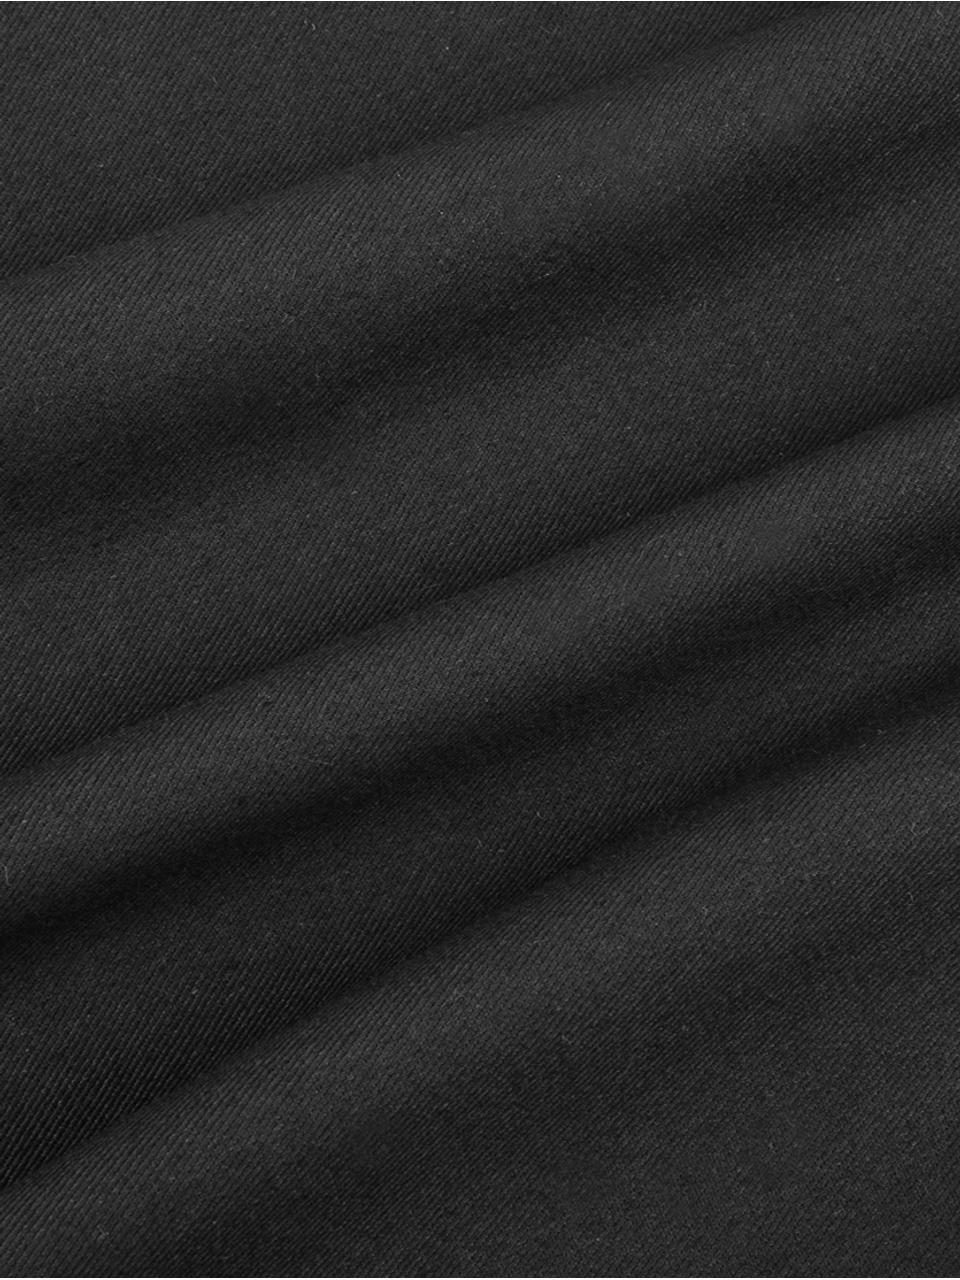 Baumwoll-Kissenhülle Mads in Schwarz, 100% Baumwolle, Schwarz, 30 x 50 cm